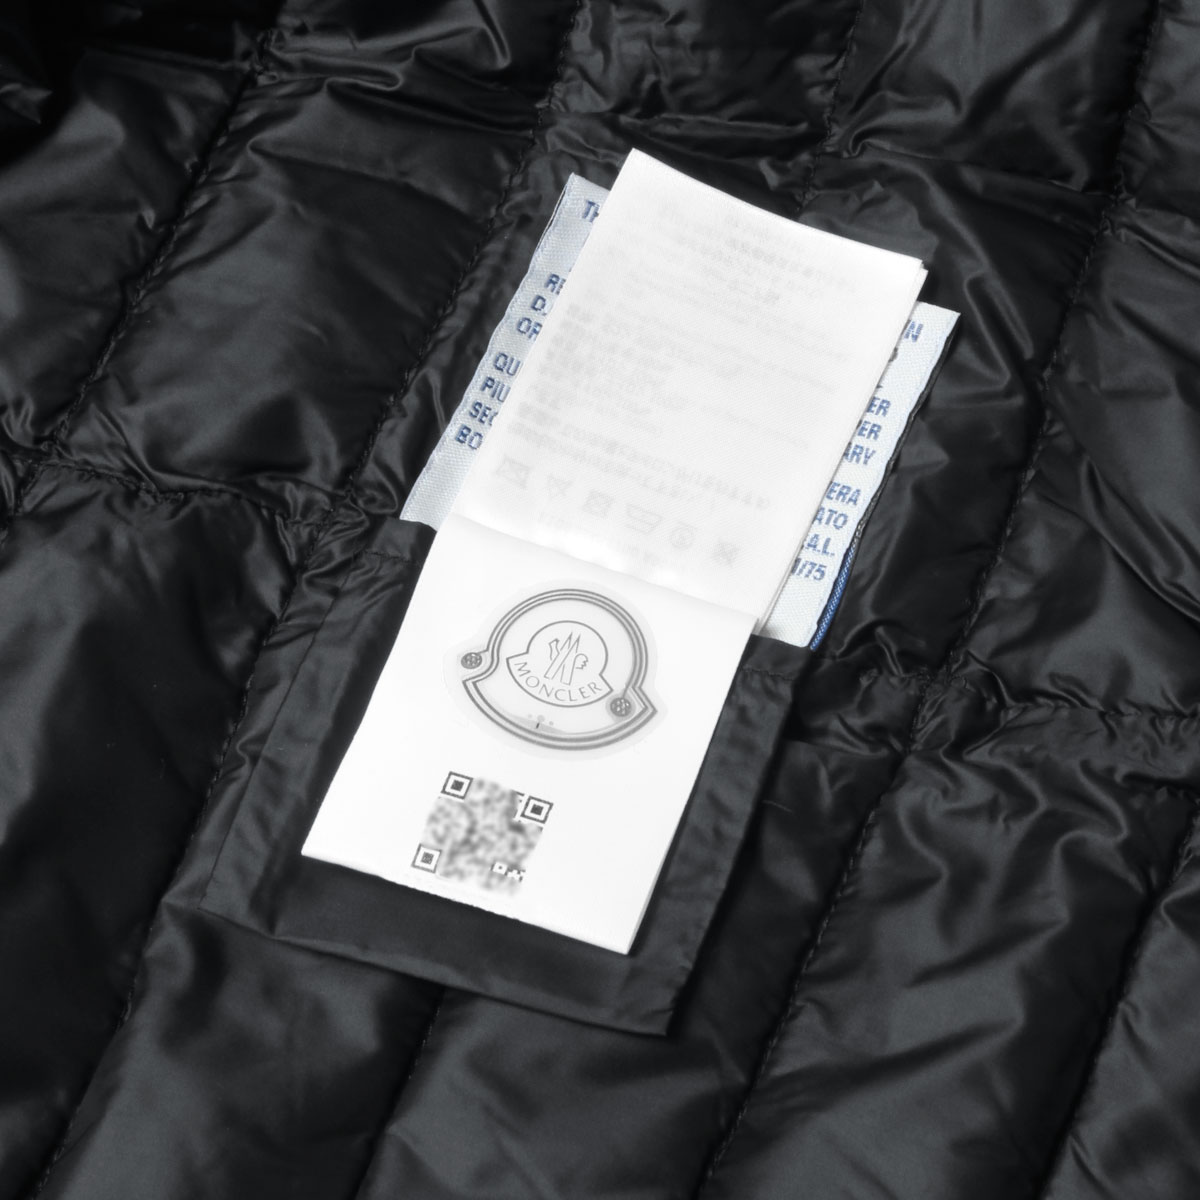 モンクレール MONCLER ブルゾン レディース 9454700 A9000 999 ダウンコンビブルゾン BLACK ブラックCBderoWx